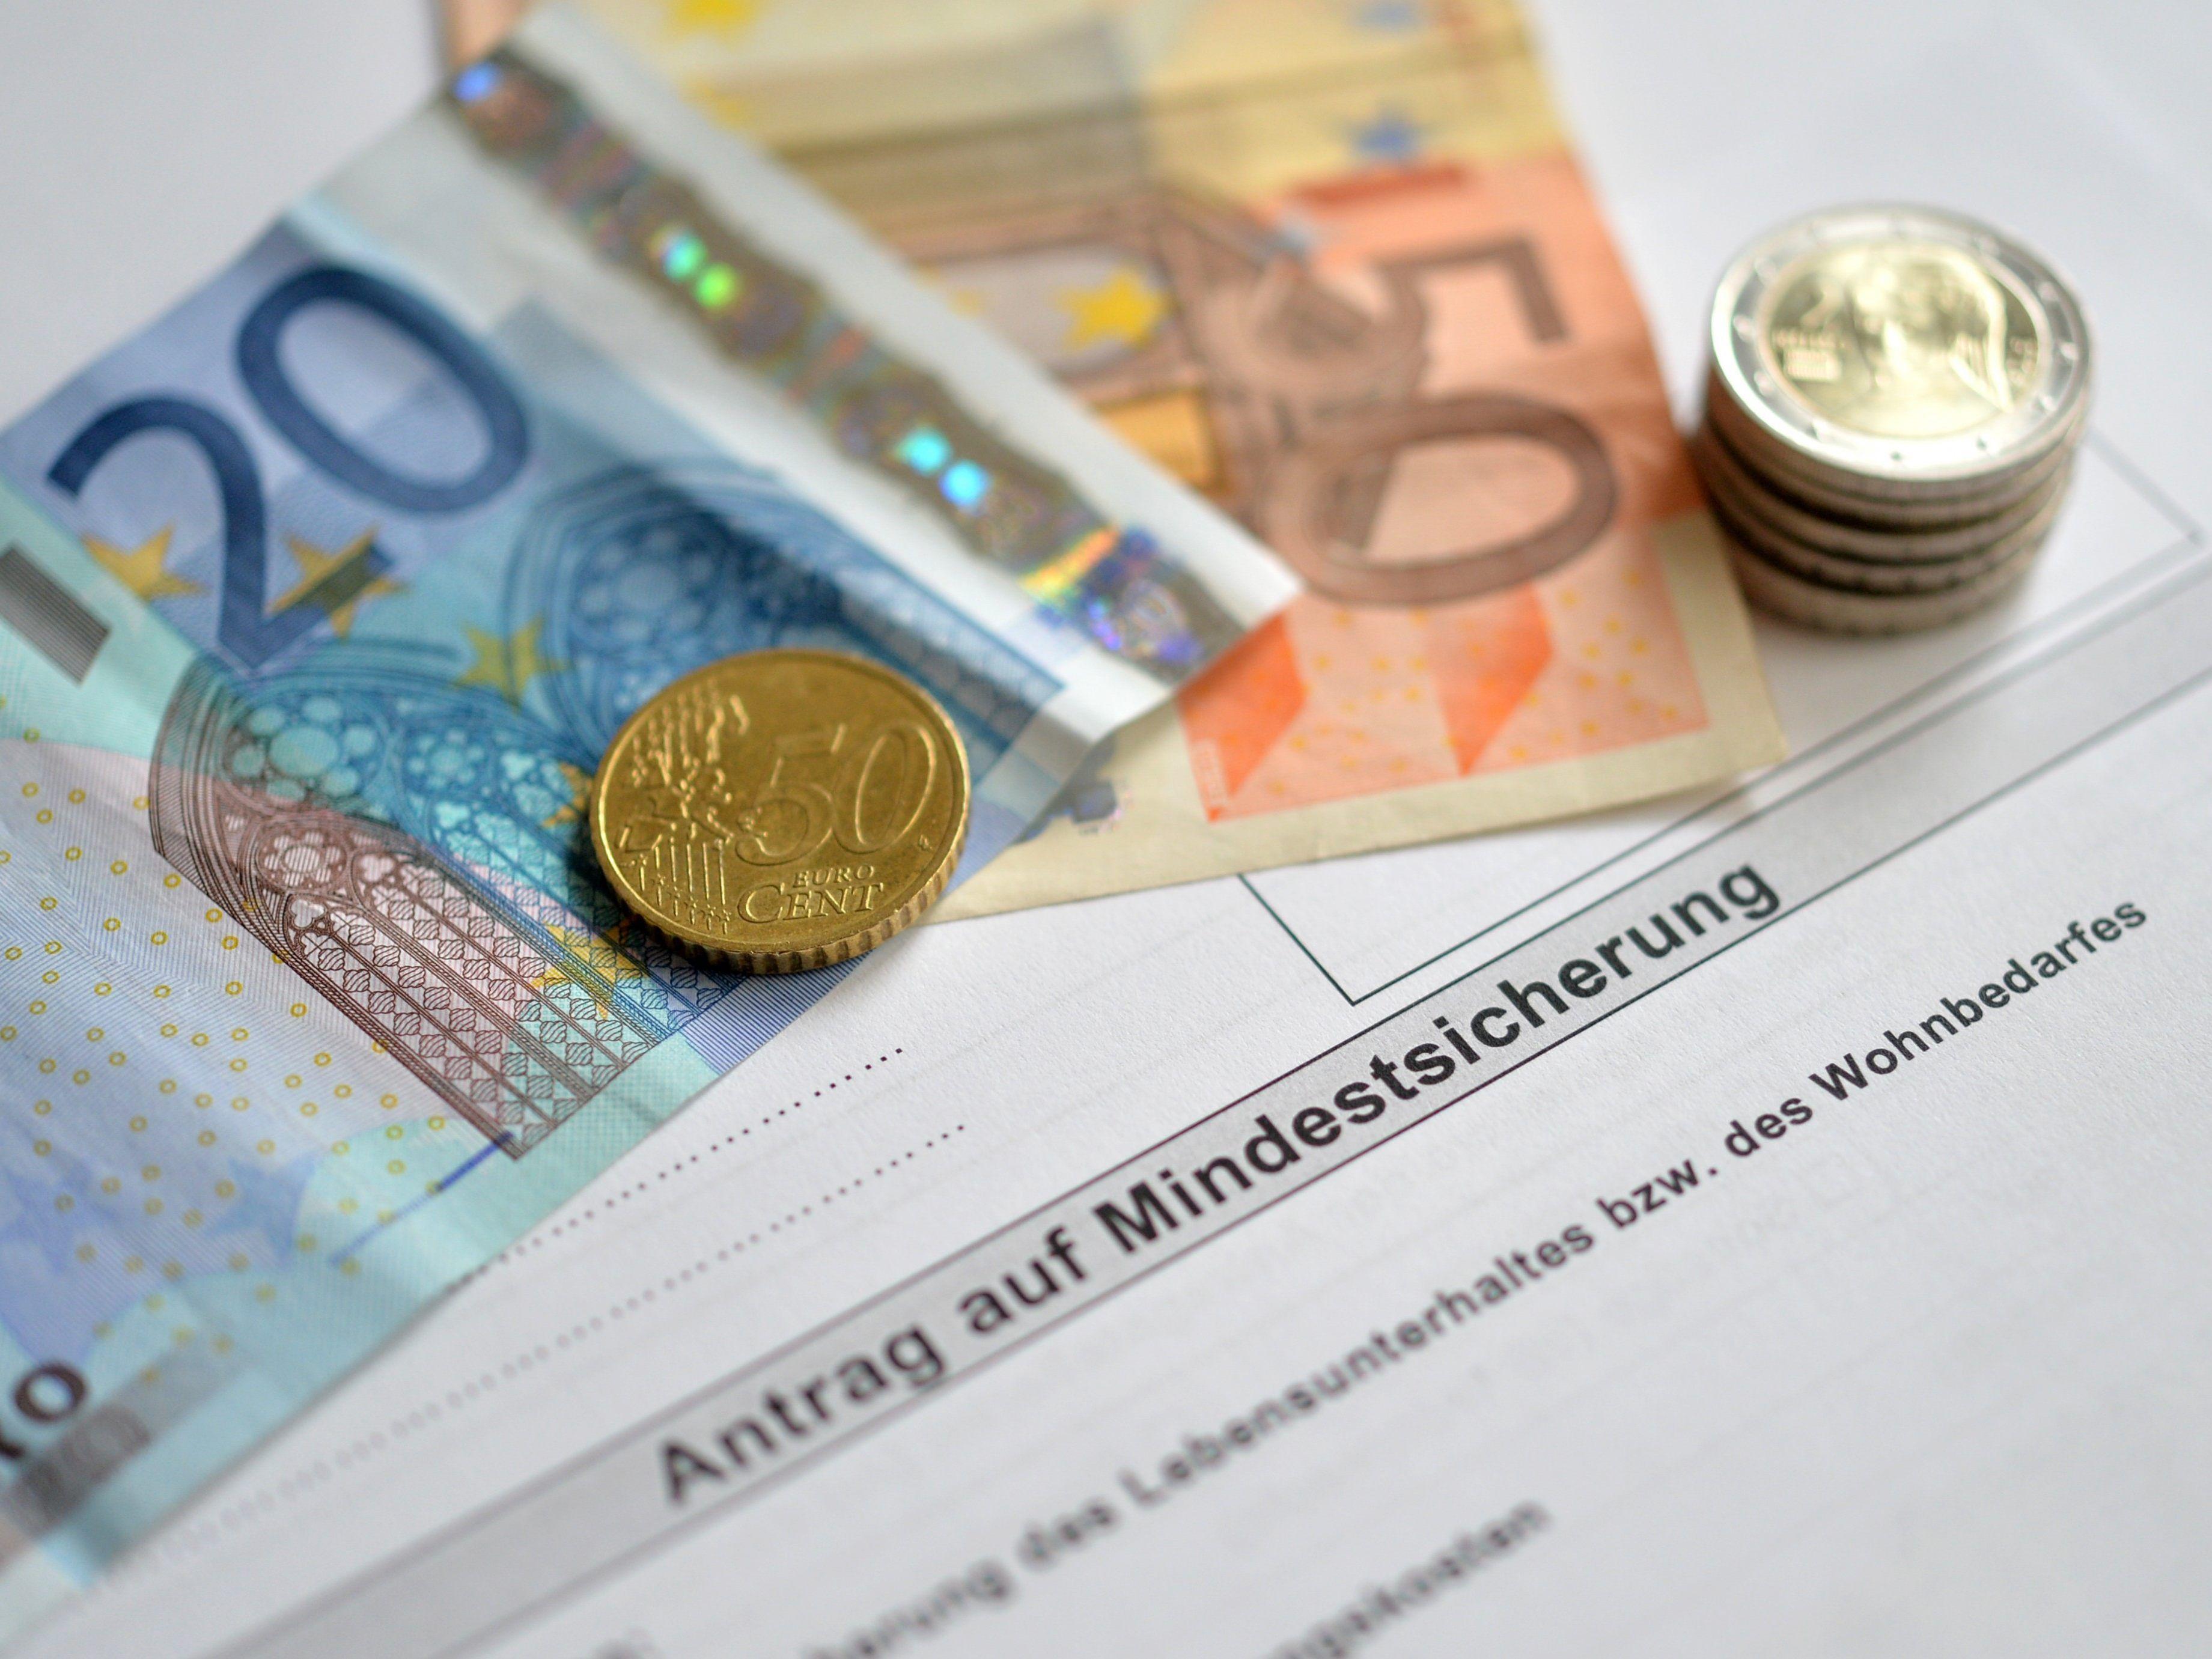 Mindestsicherung Neu Das ändert Sich Bei Der Sozialhilfe Ab 2019